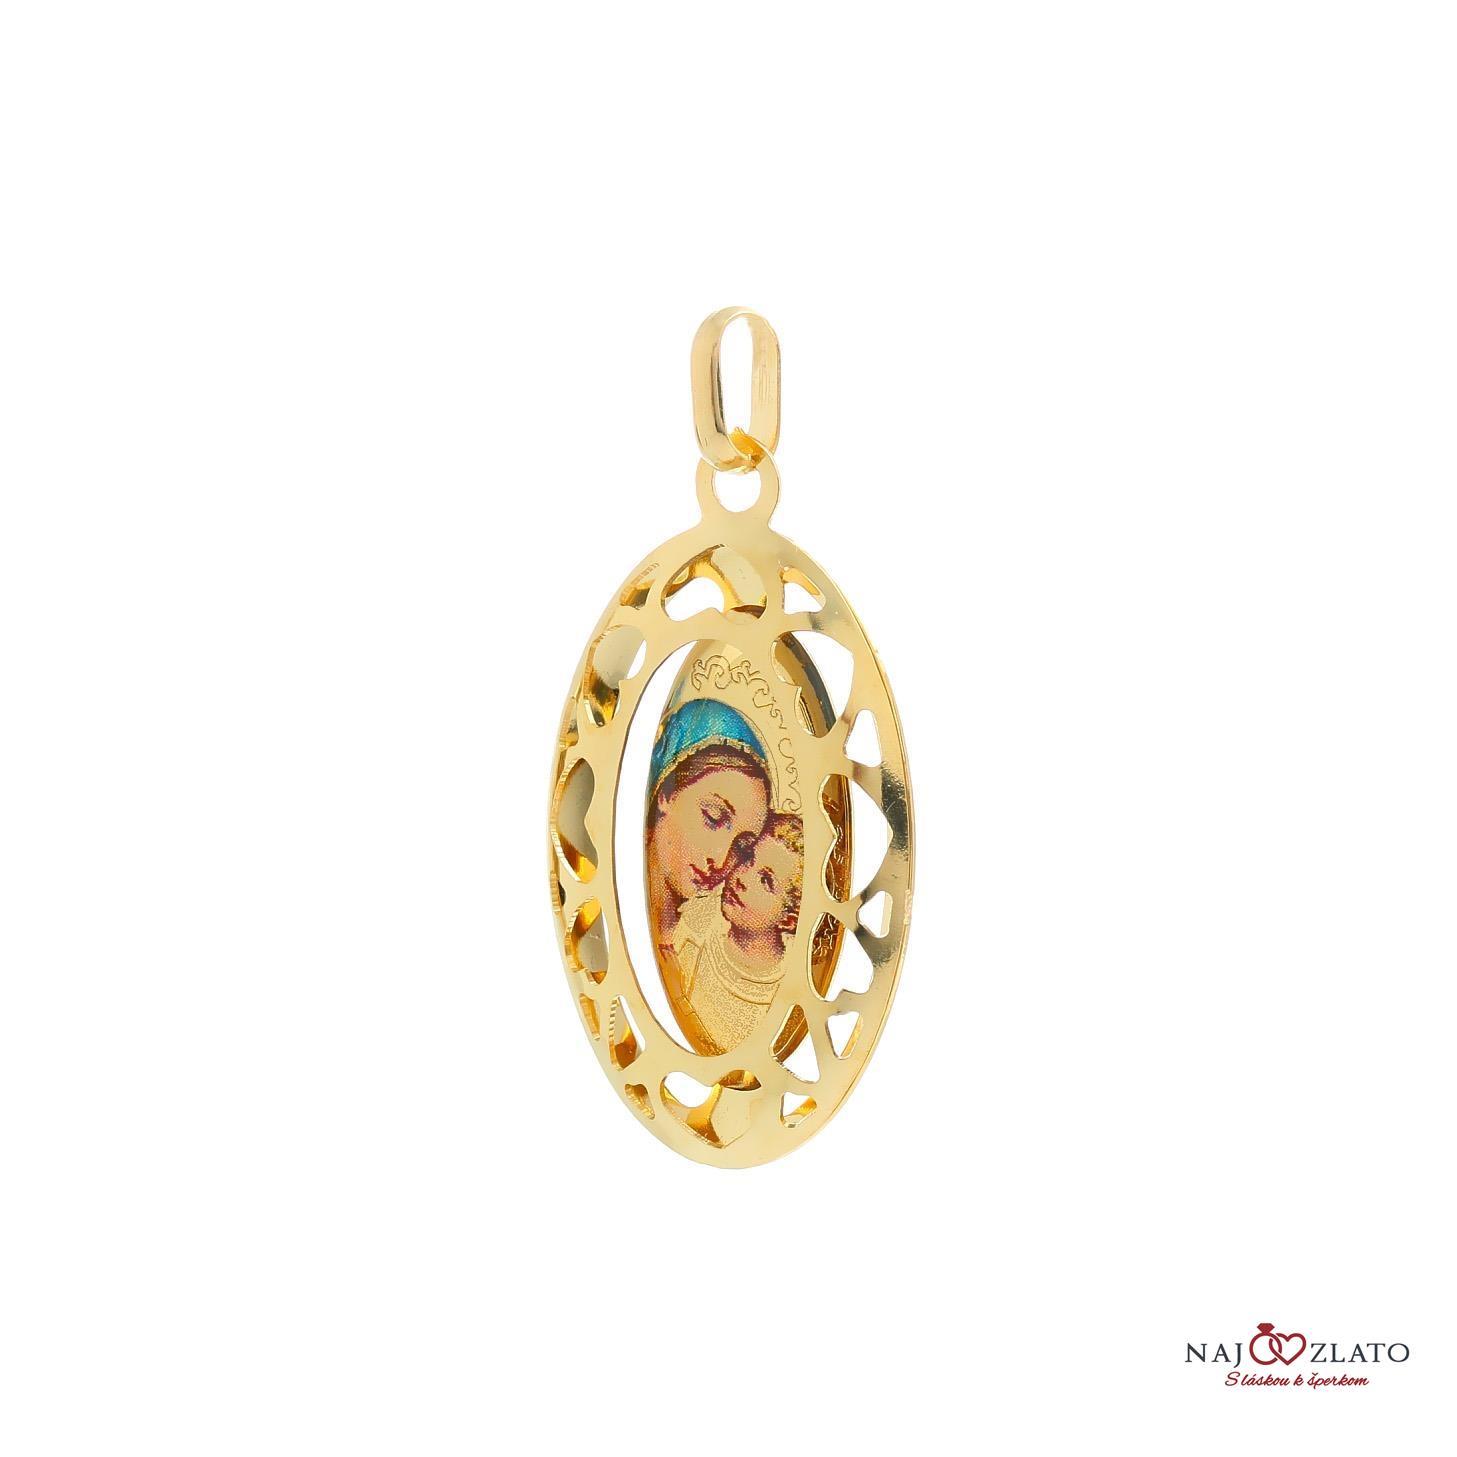 ... zlatý veľký medailón madony s dieťaťom 2 ... 6ab4d707c36